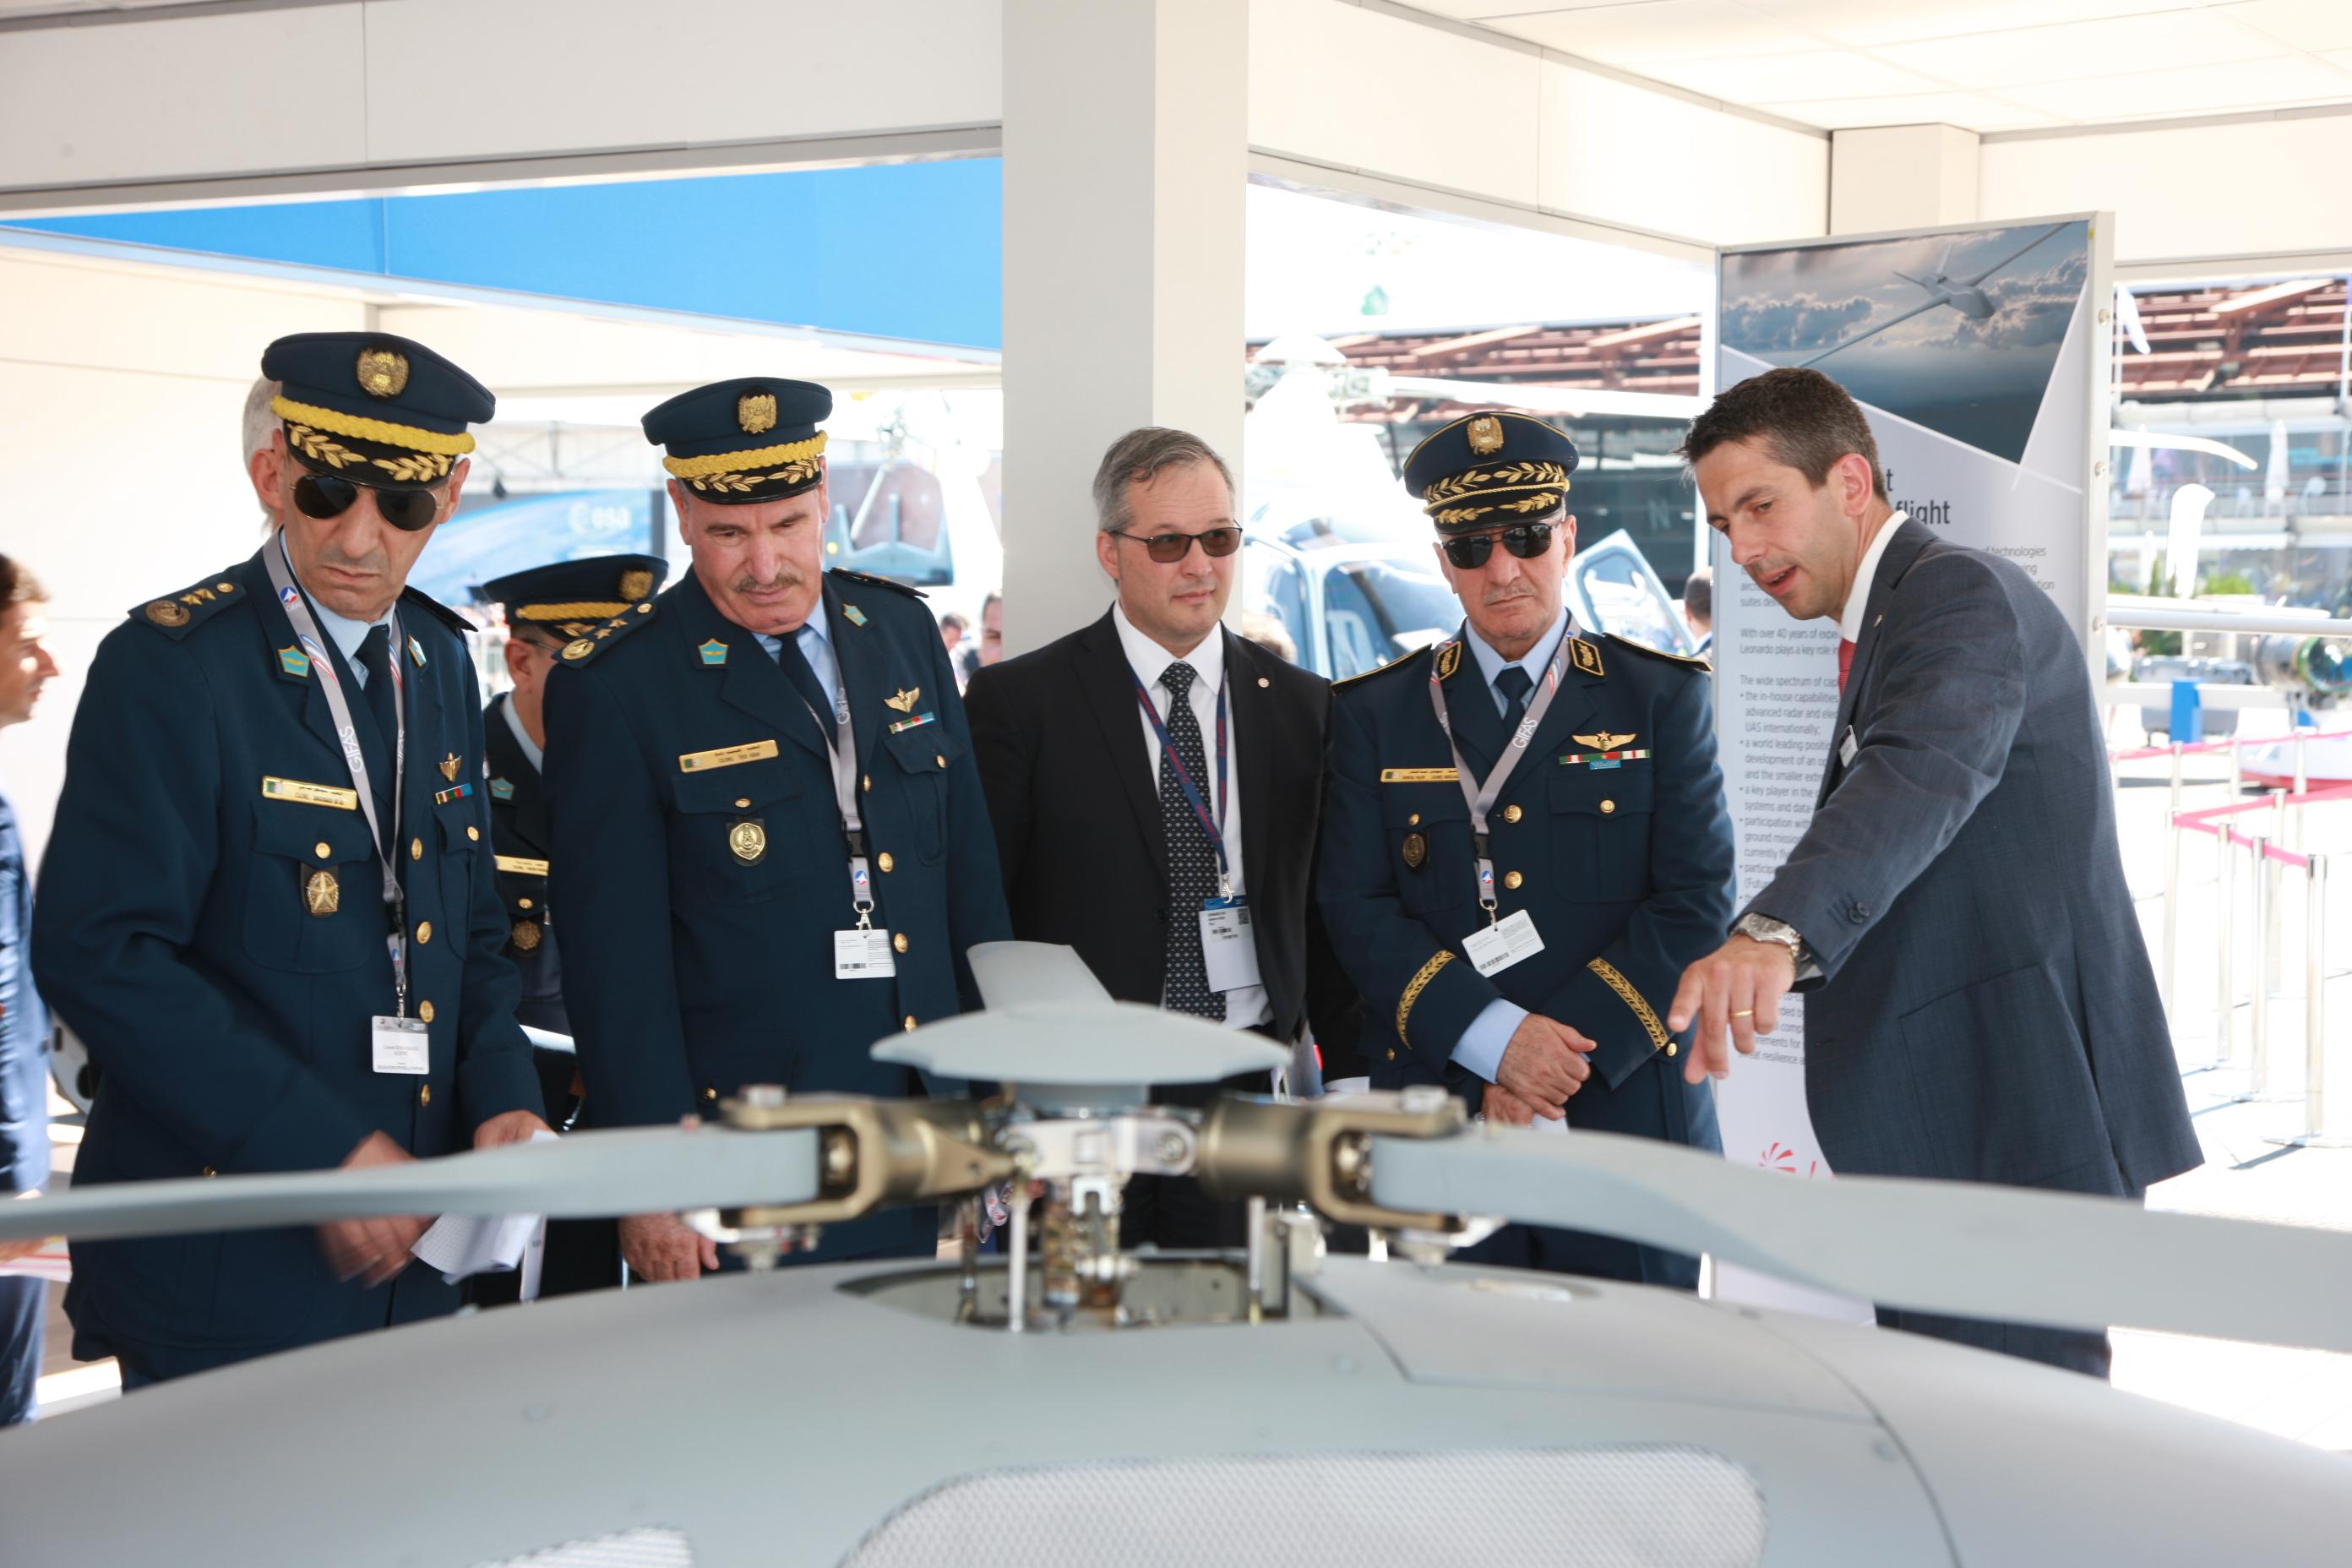 الجزائر : صلاحيات نائب وزير الدفاع الوطني - صفحة 16 35025695700_571cbca5b6_o